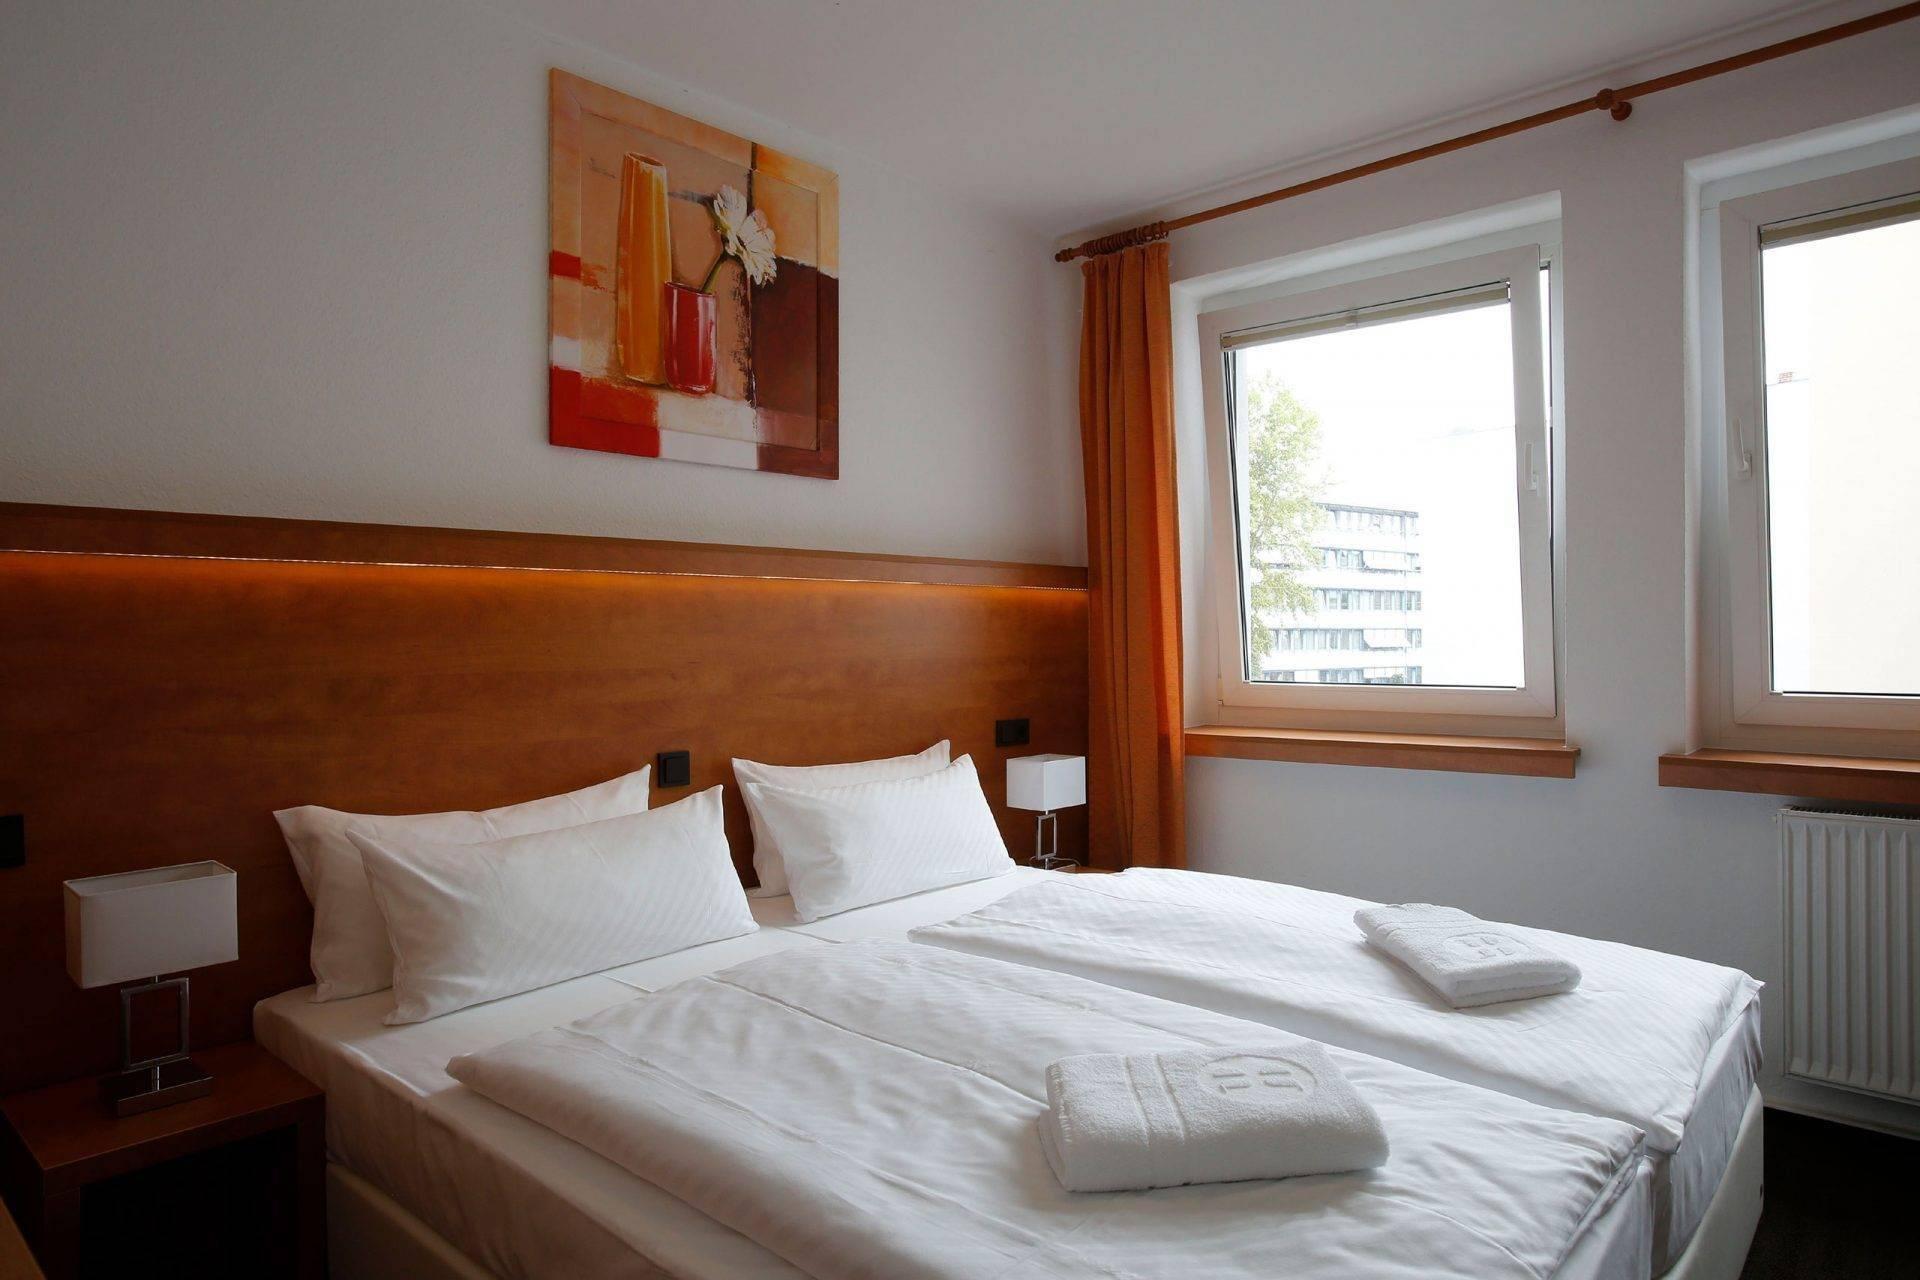 Doppelzimmer | Hotel-Dietrich-Bonhoeffer-Haus